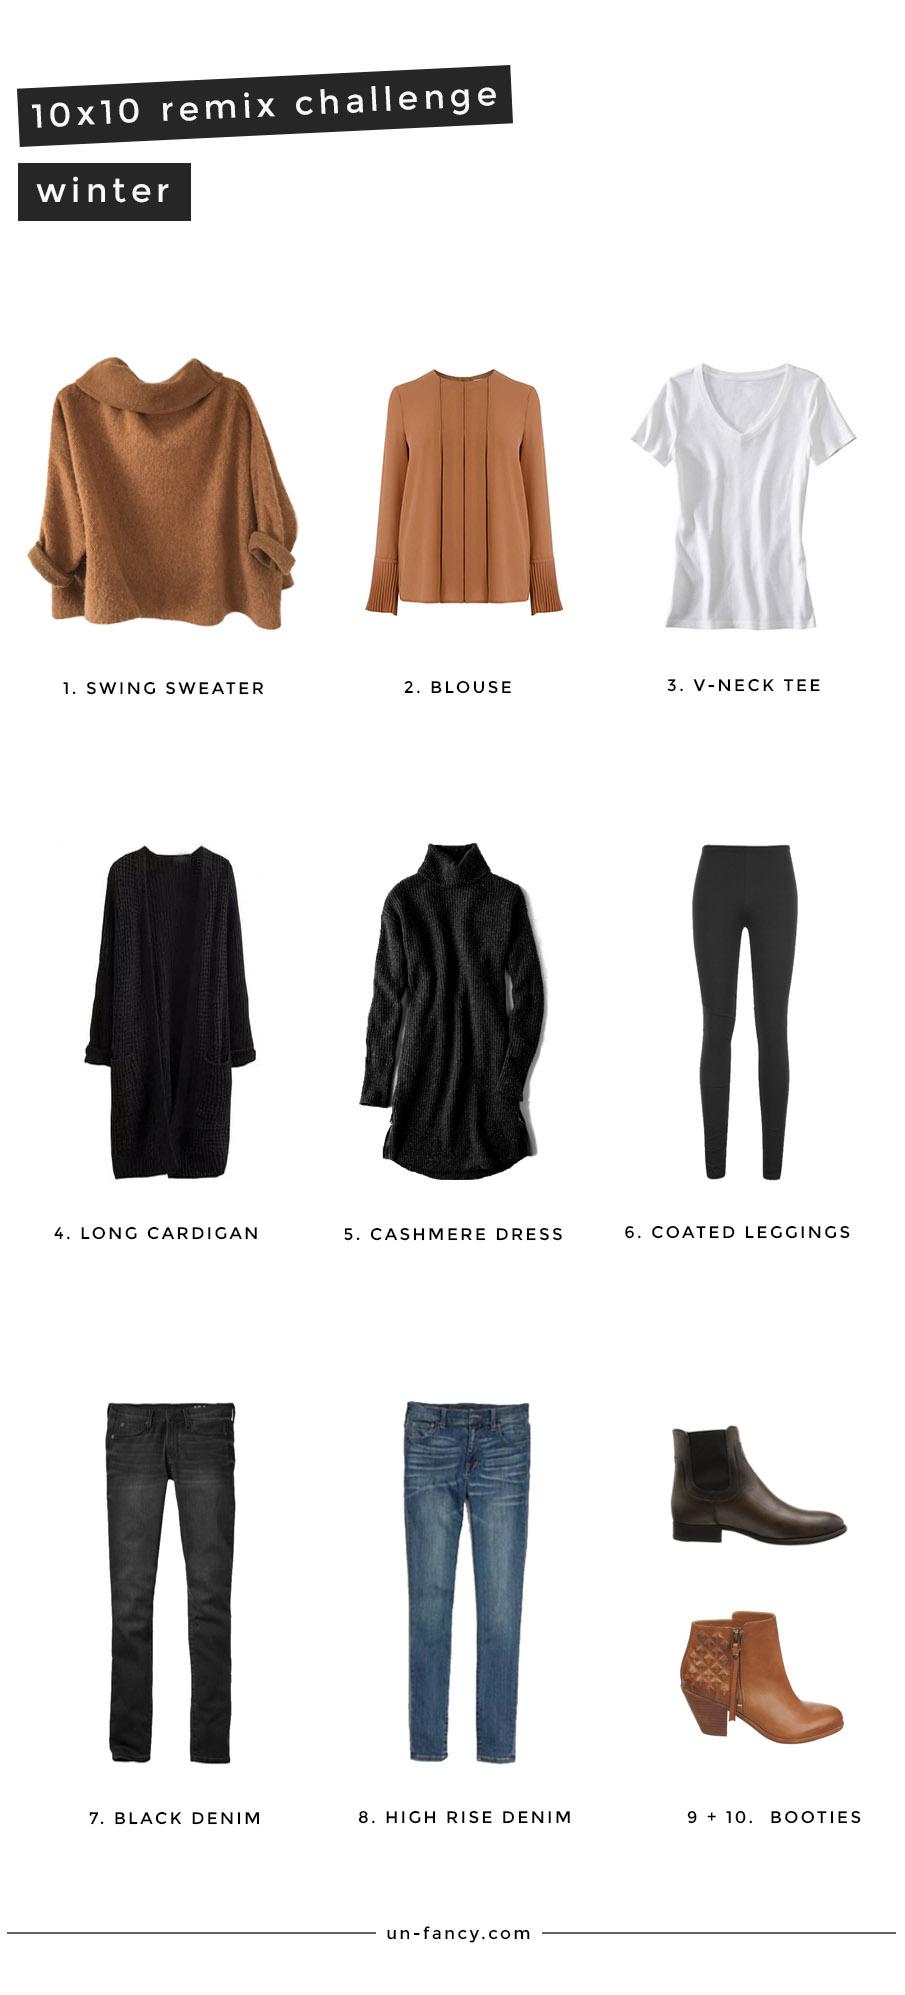 567d6c29c26e7 winter remix: 10 pieces, 10 outfits, 10 days